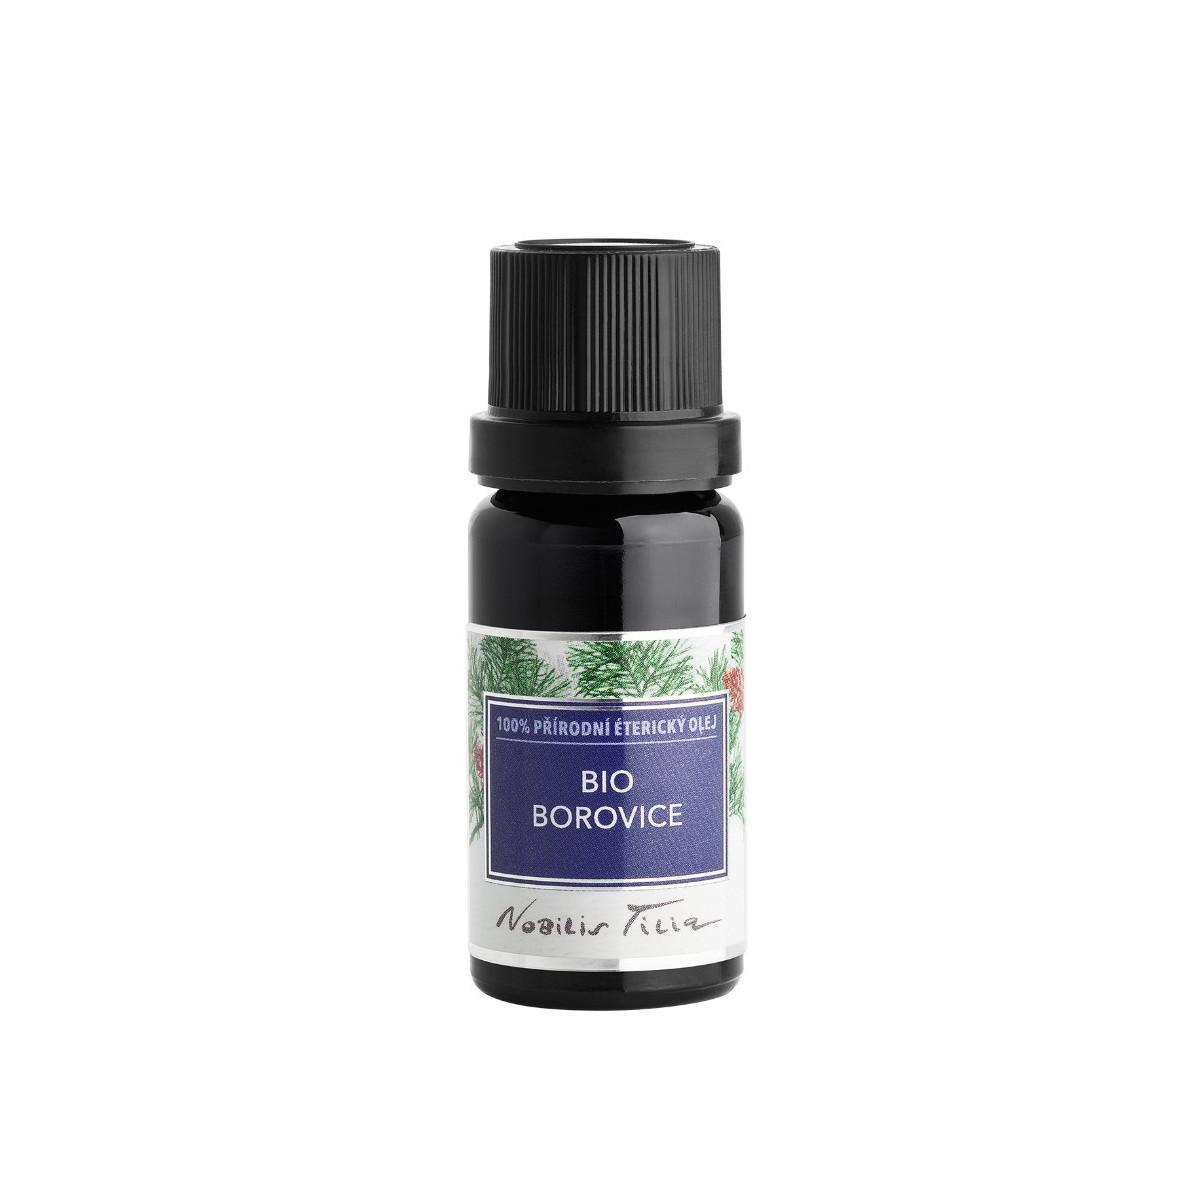 Nobilis Tilia Bio Cedr, 100% přírodní éterický olej 10 ml